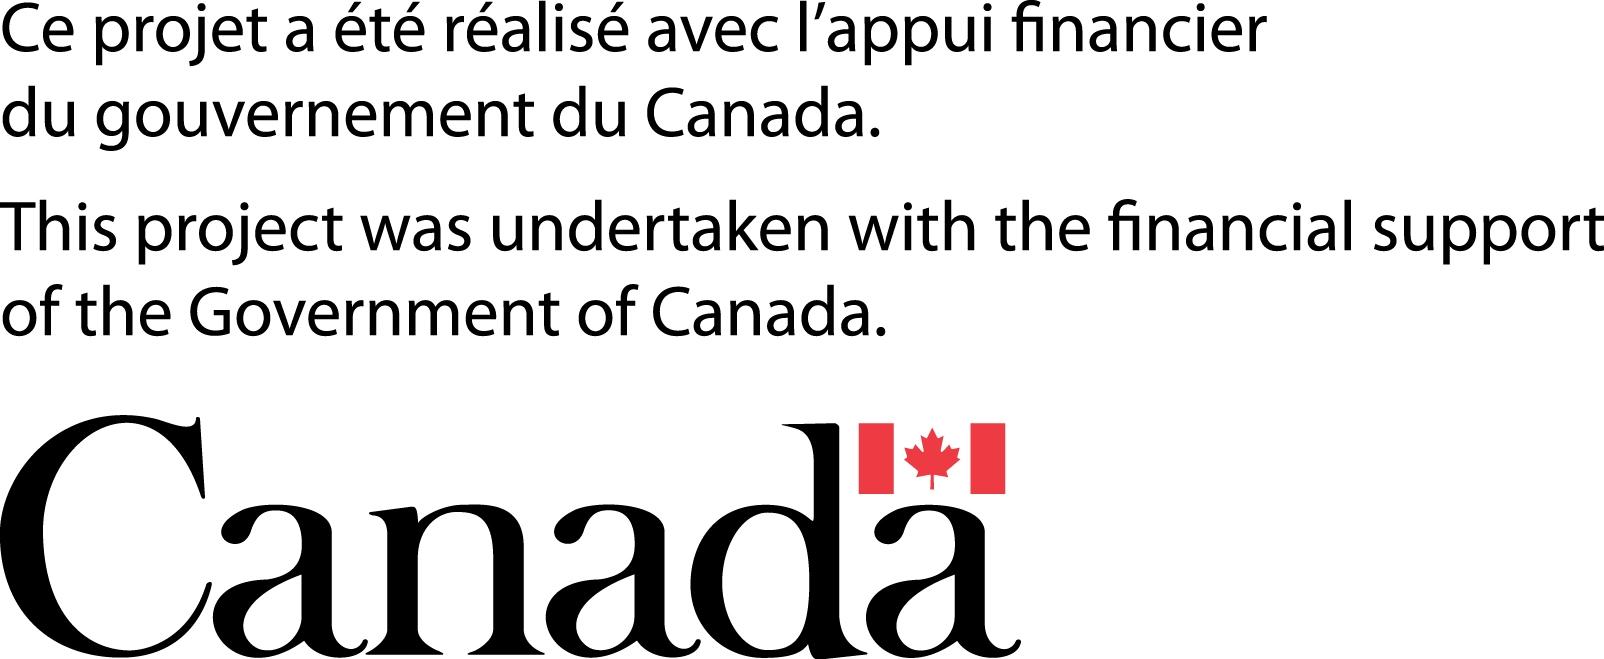 Logo Ce projet a été réalisé avec l'appui financier du gouvernement du Canada